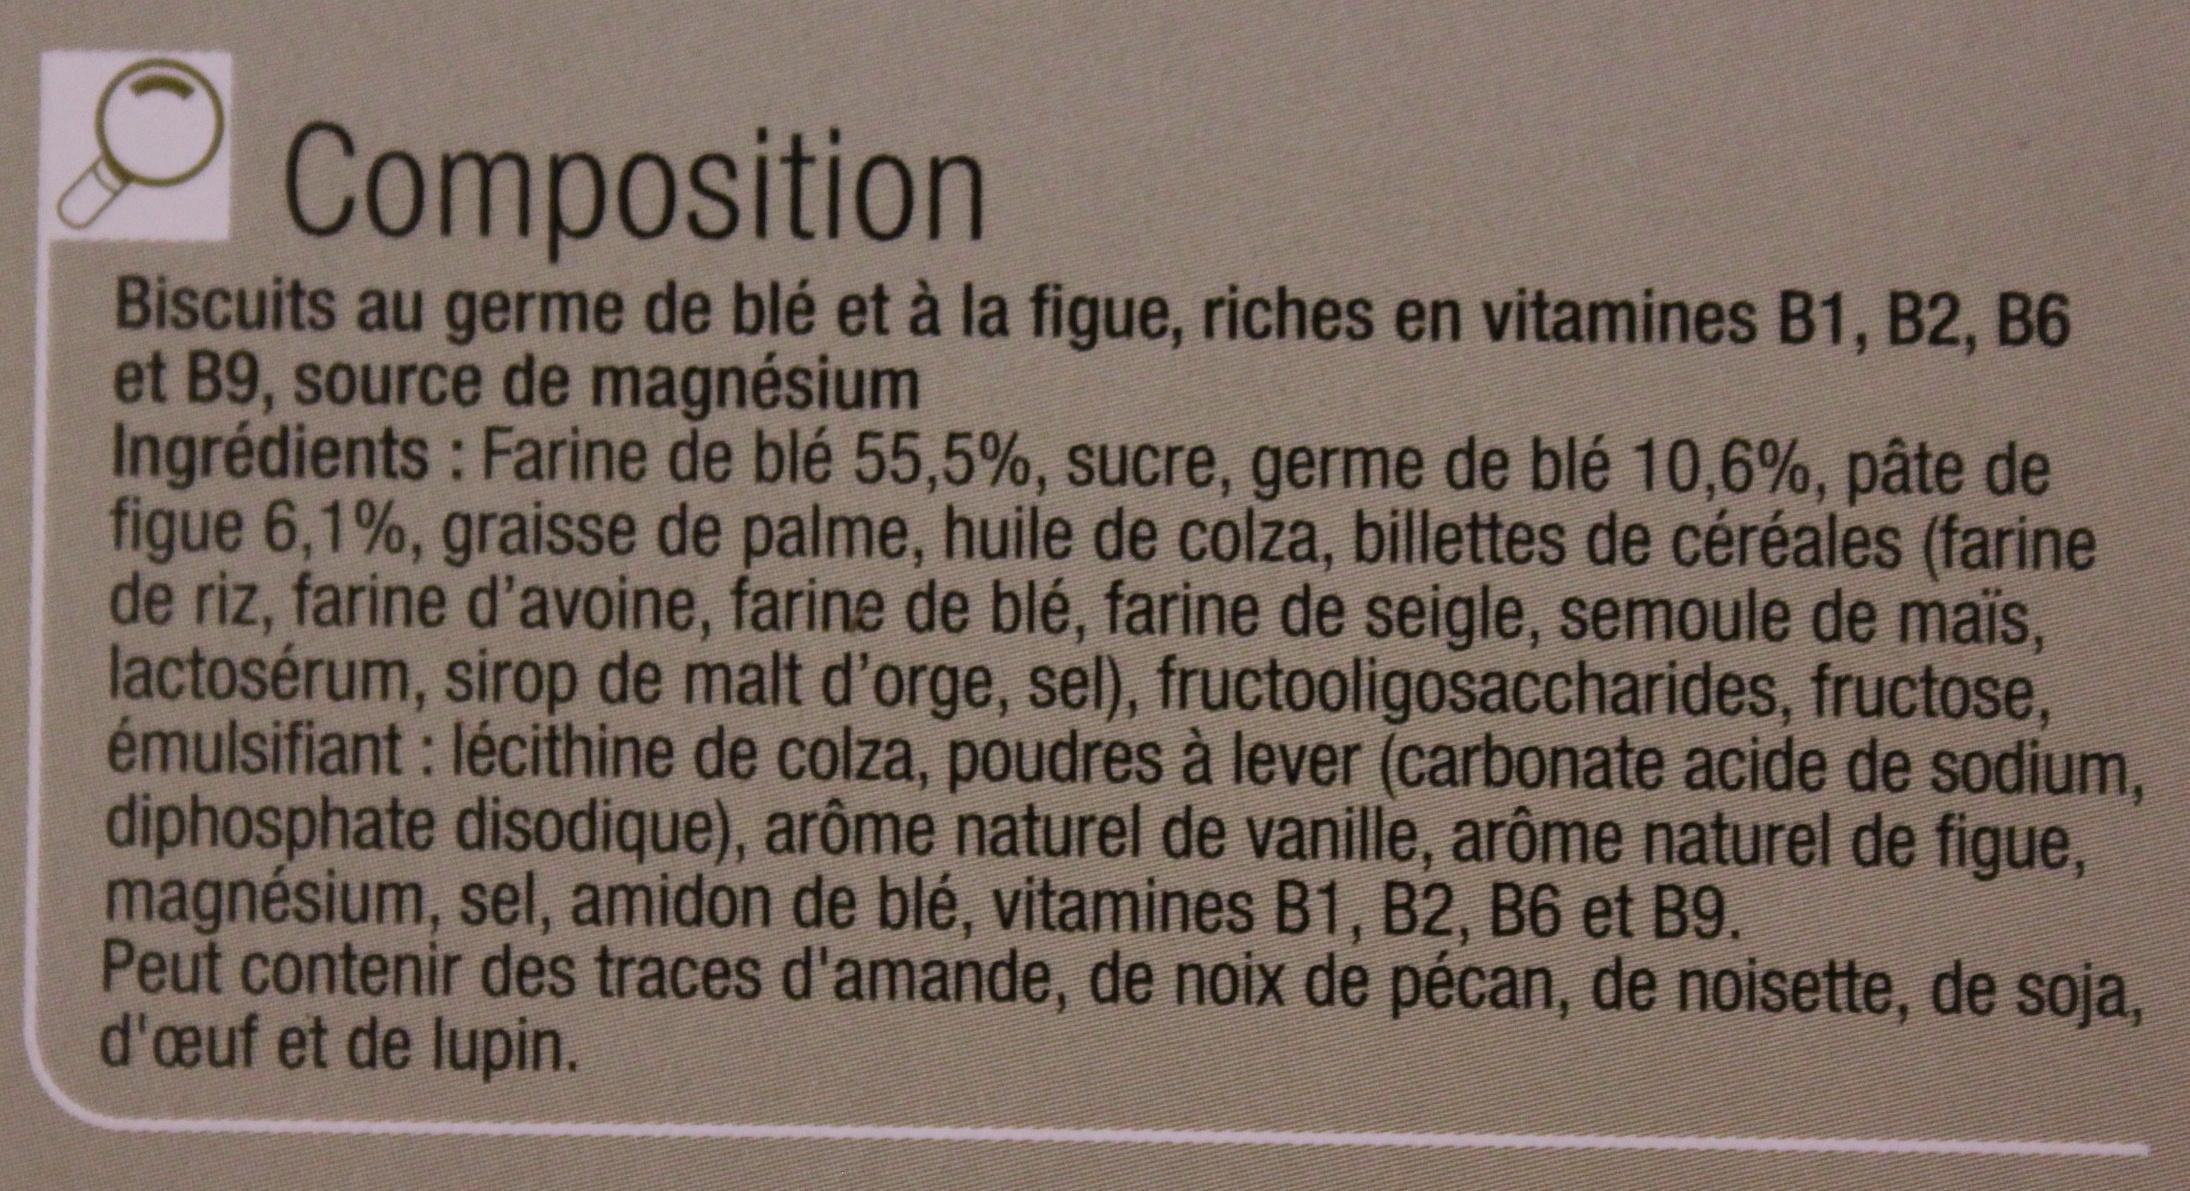 Biscuits germe de blé figue - Ingredients - fr